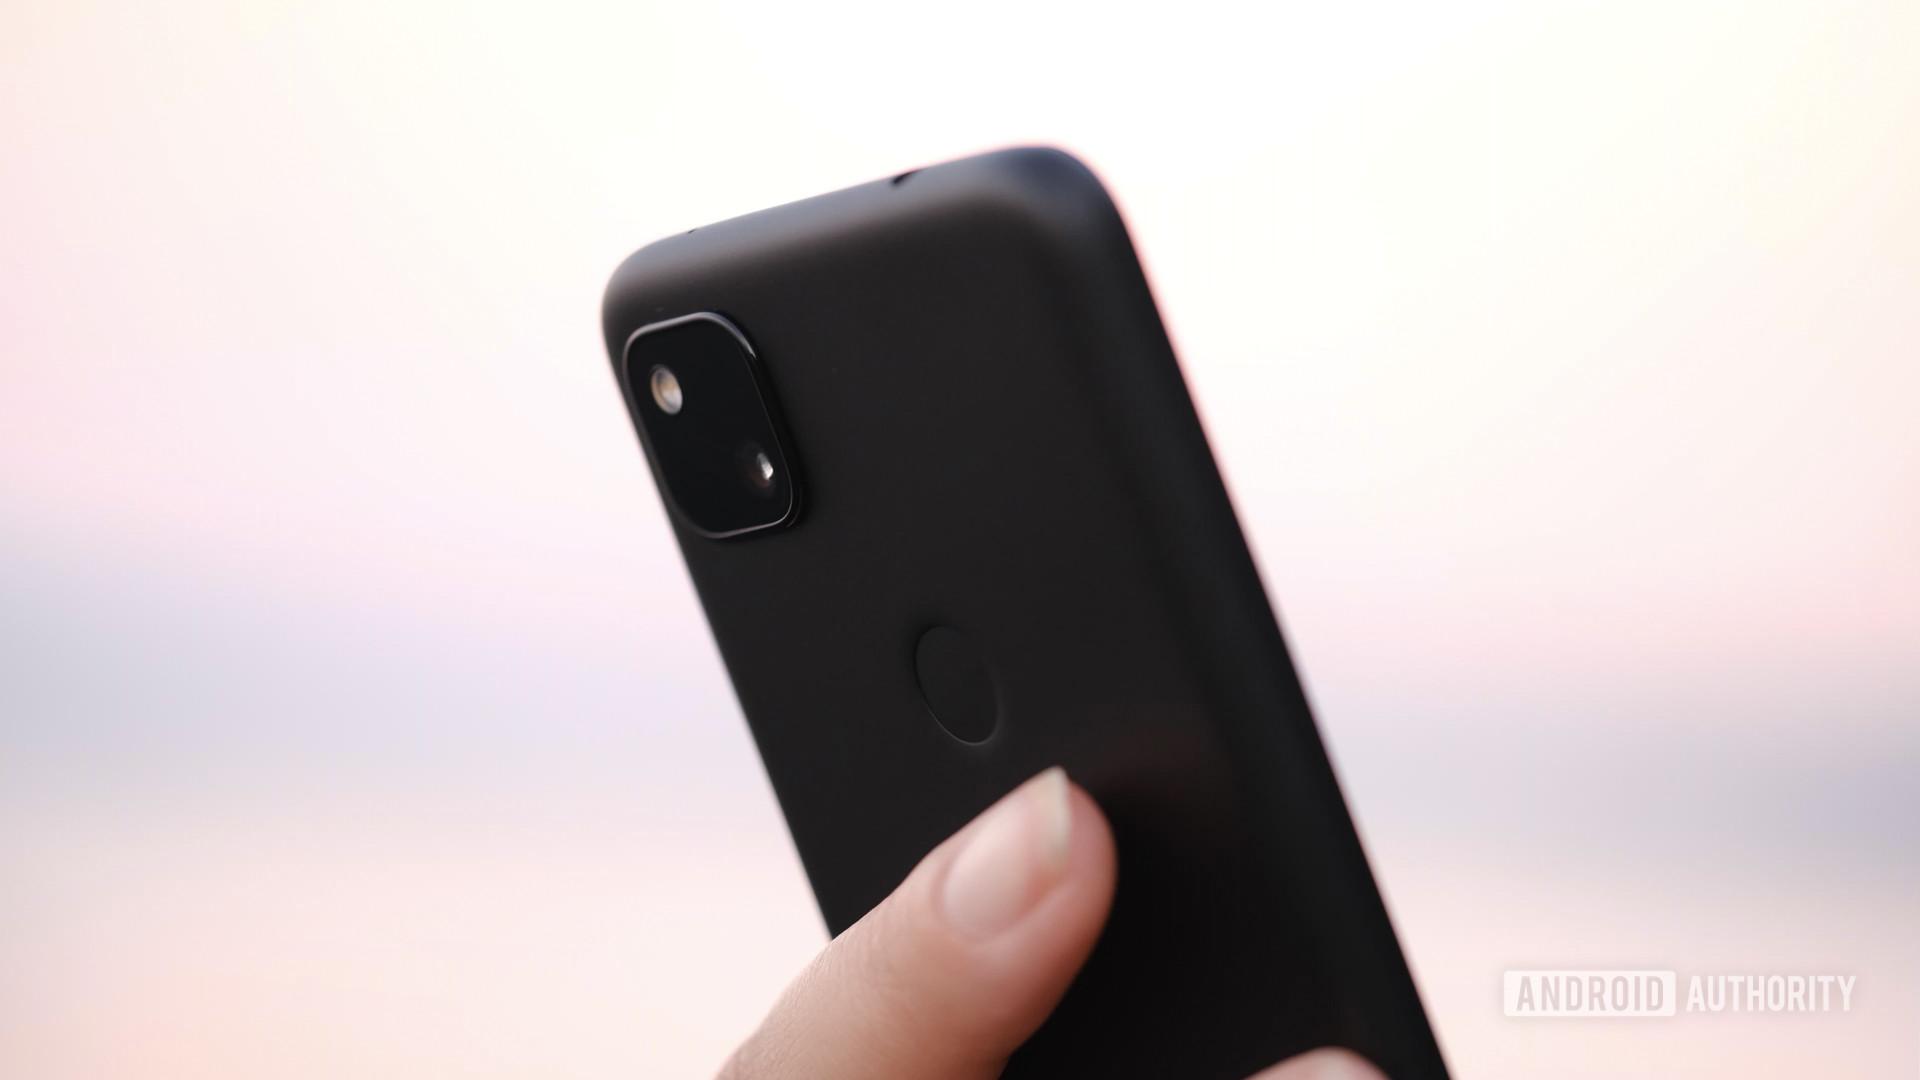 Google Pixel 4a fingerprint reader and camera macro 1